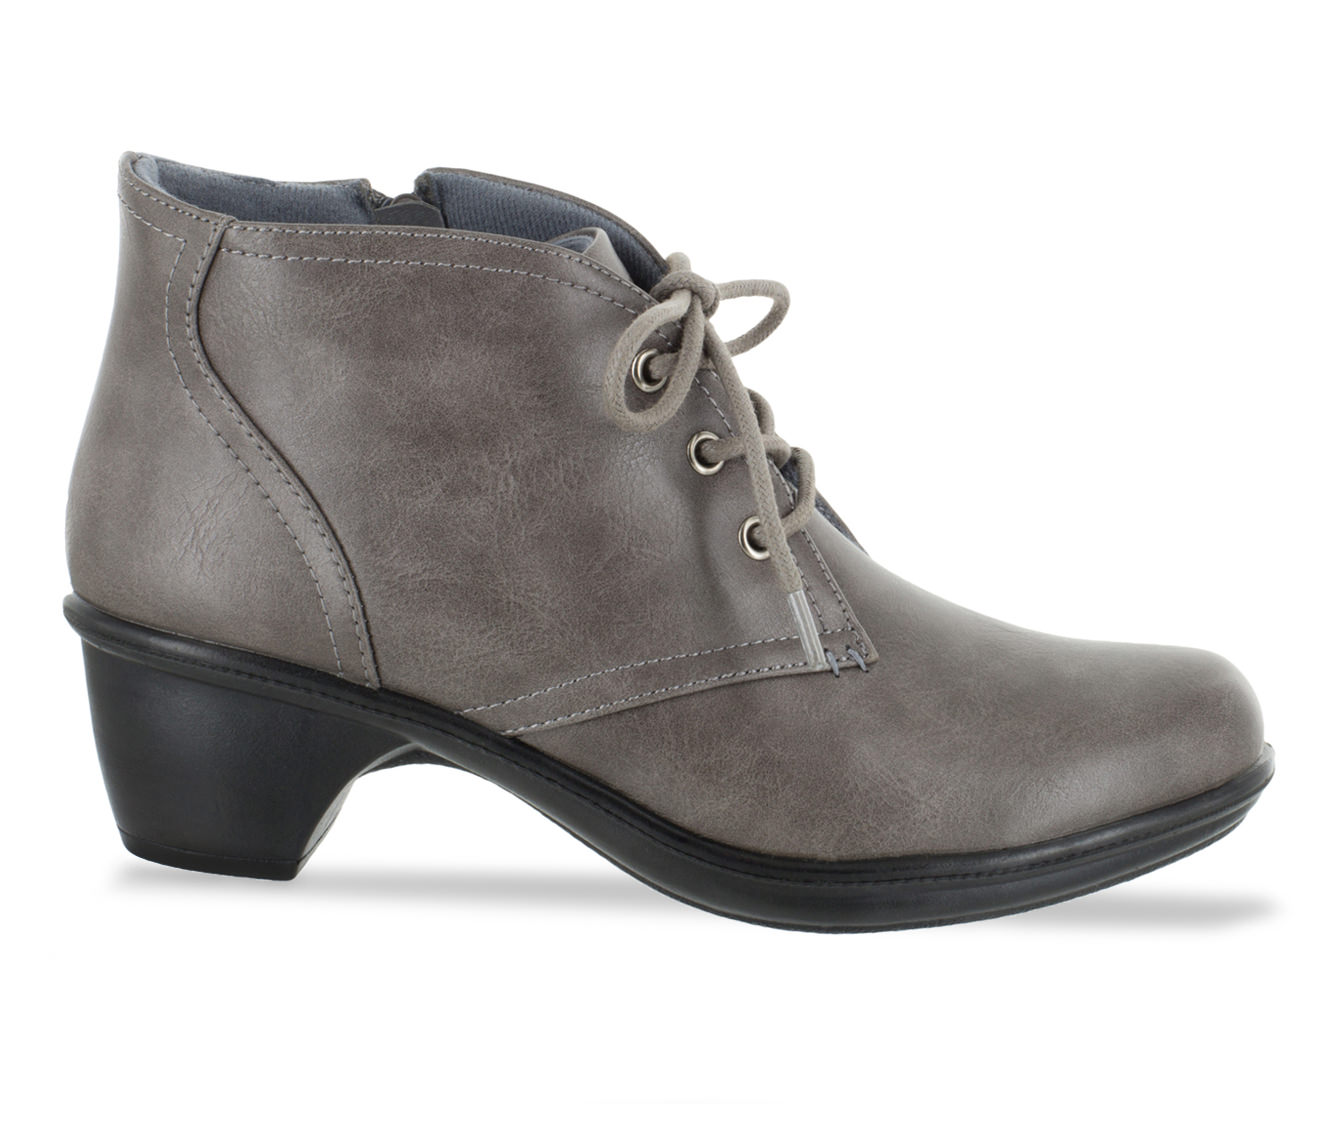 Easy Street Debbie Women's Shoe (Gray - Faux Leather)